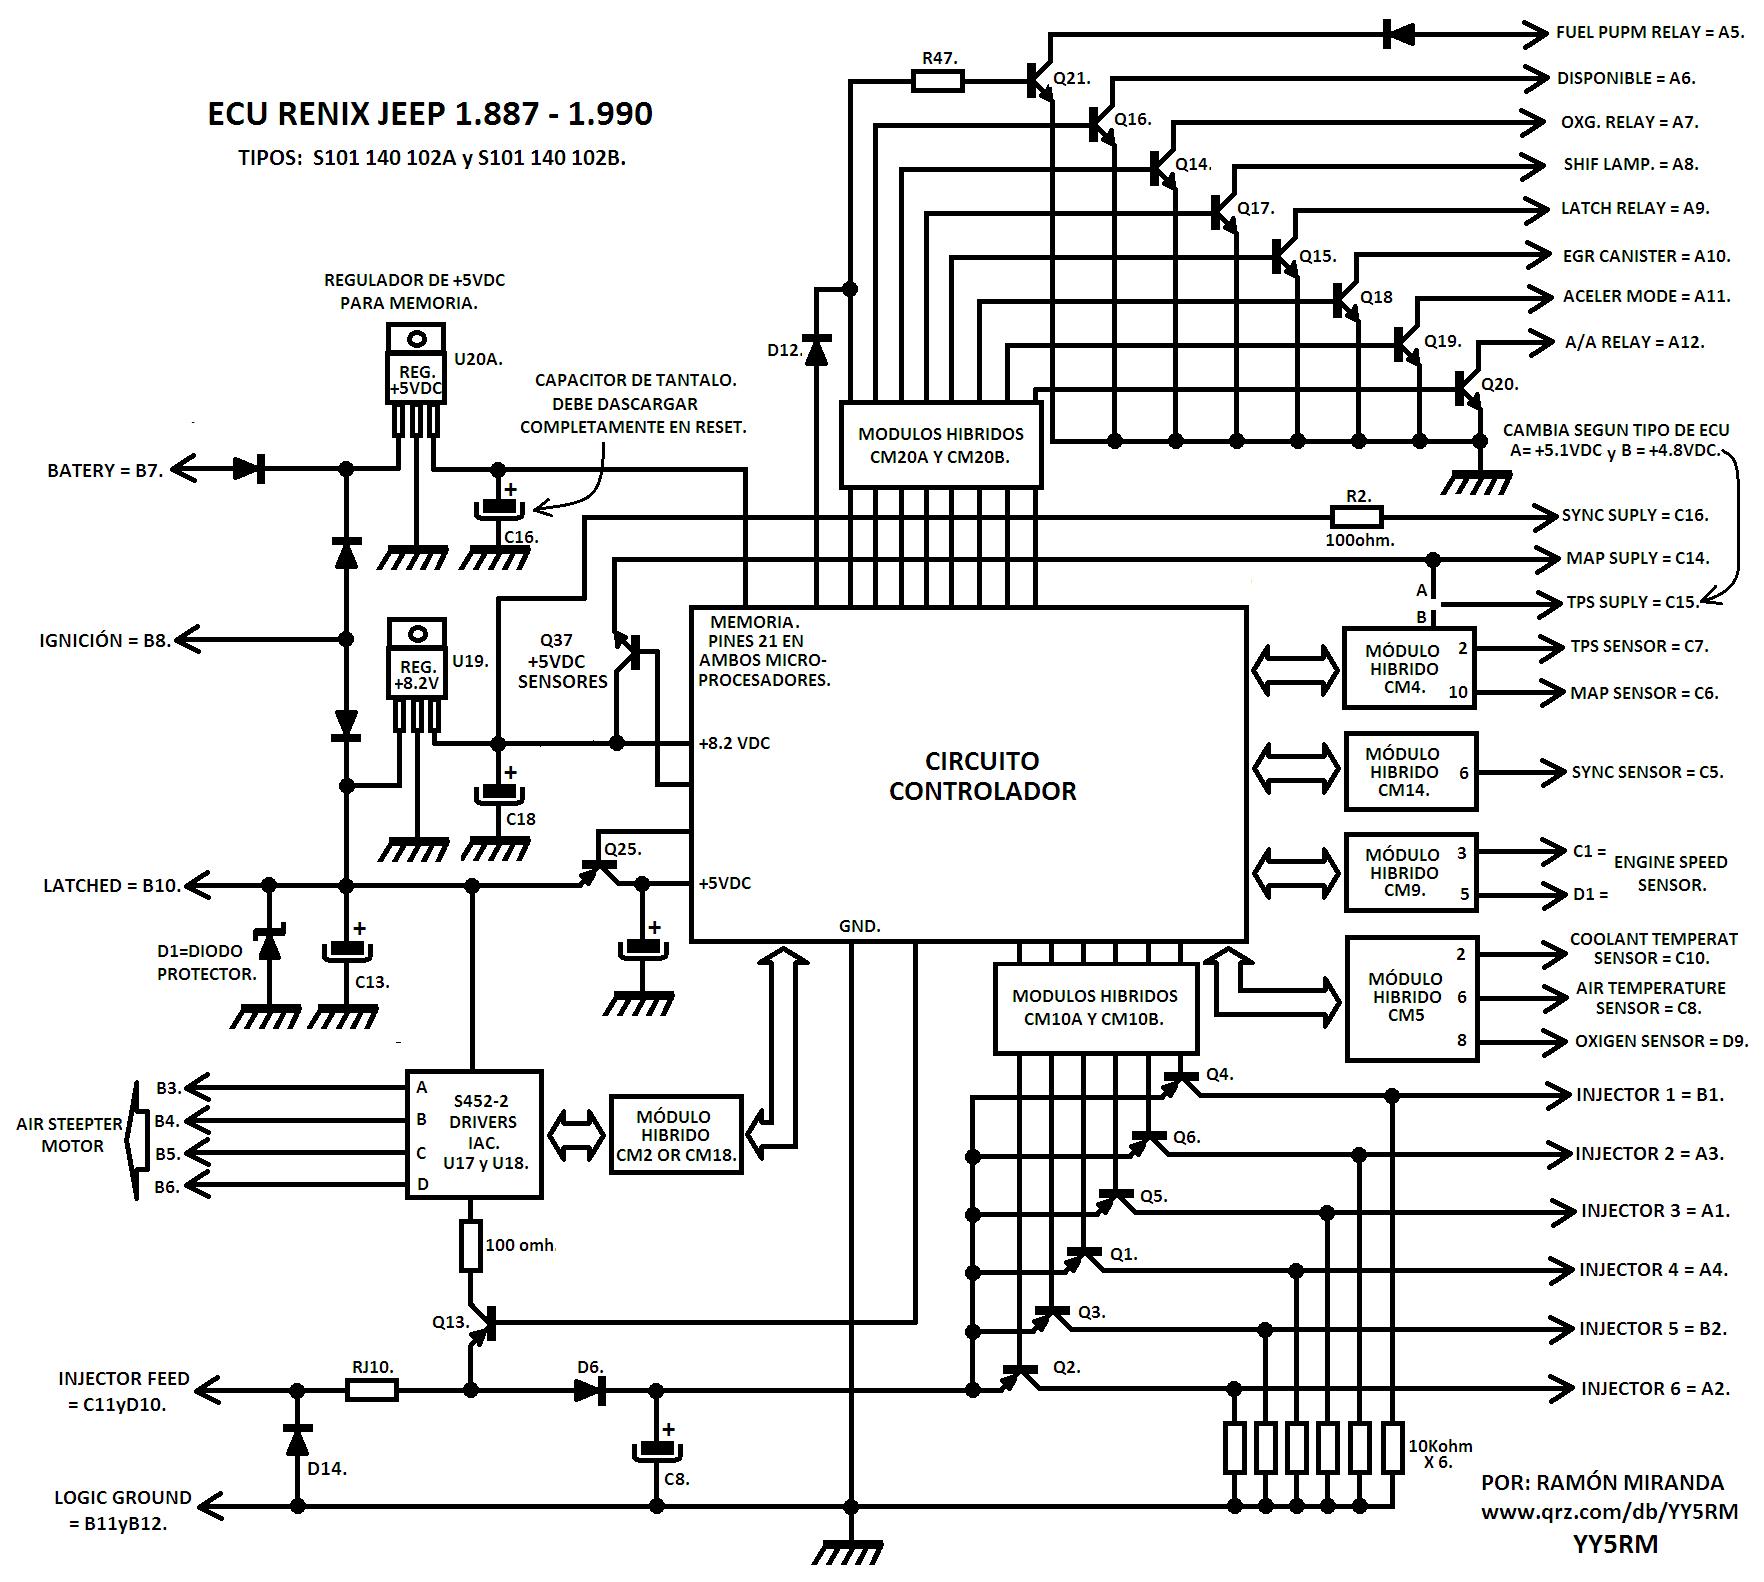 Lada Diagrama del motor